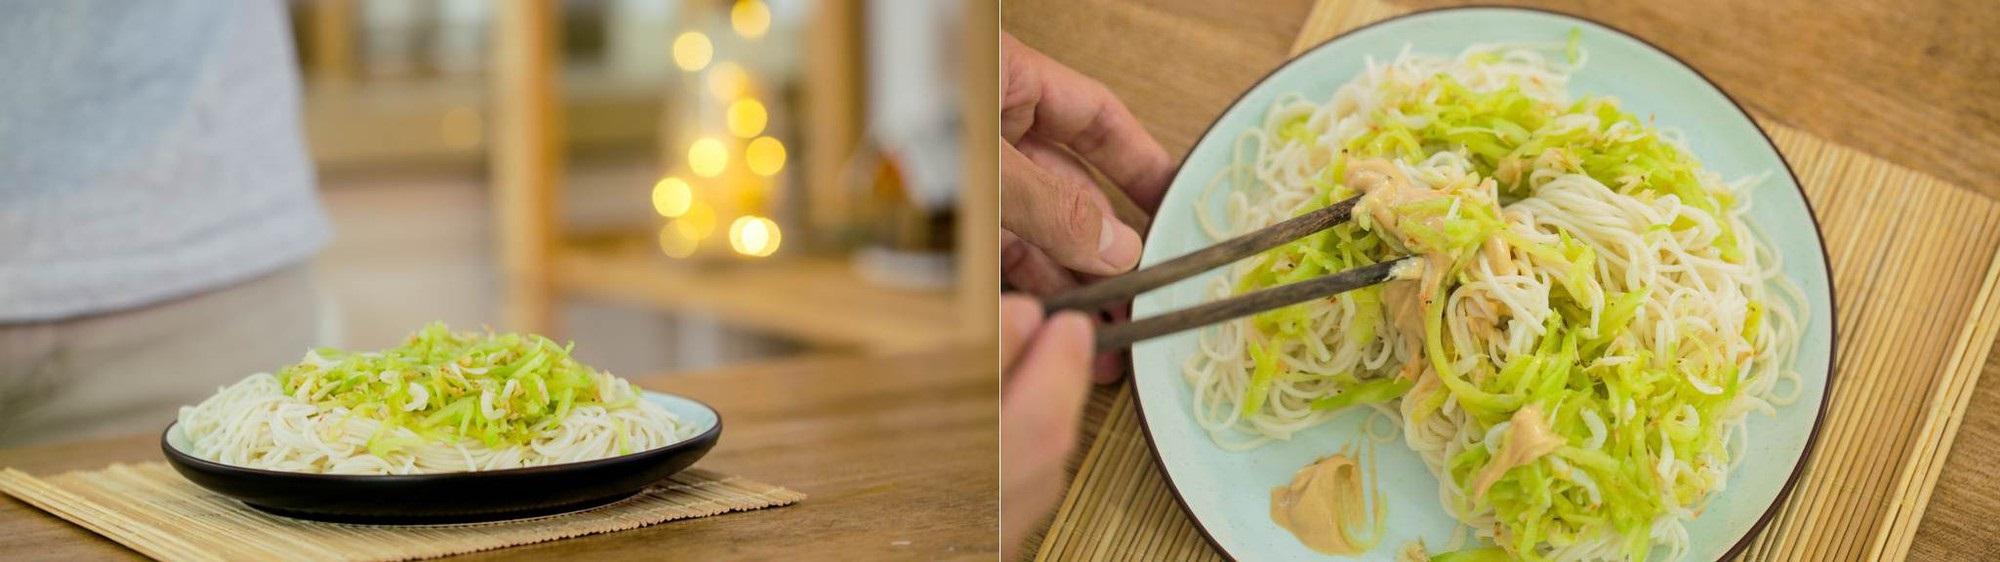 Thêm một cách làm mì trộn thơm ngon cho bữa trưa nhẹ bụng - Ảnh 4